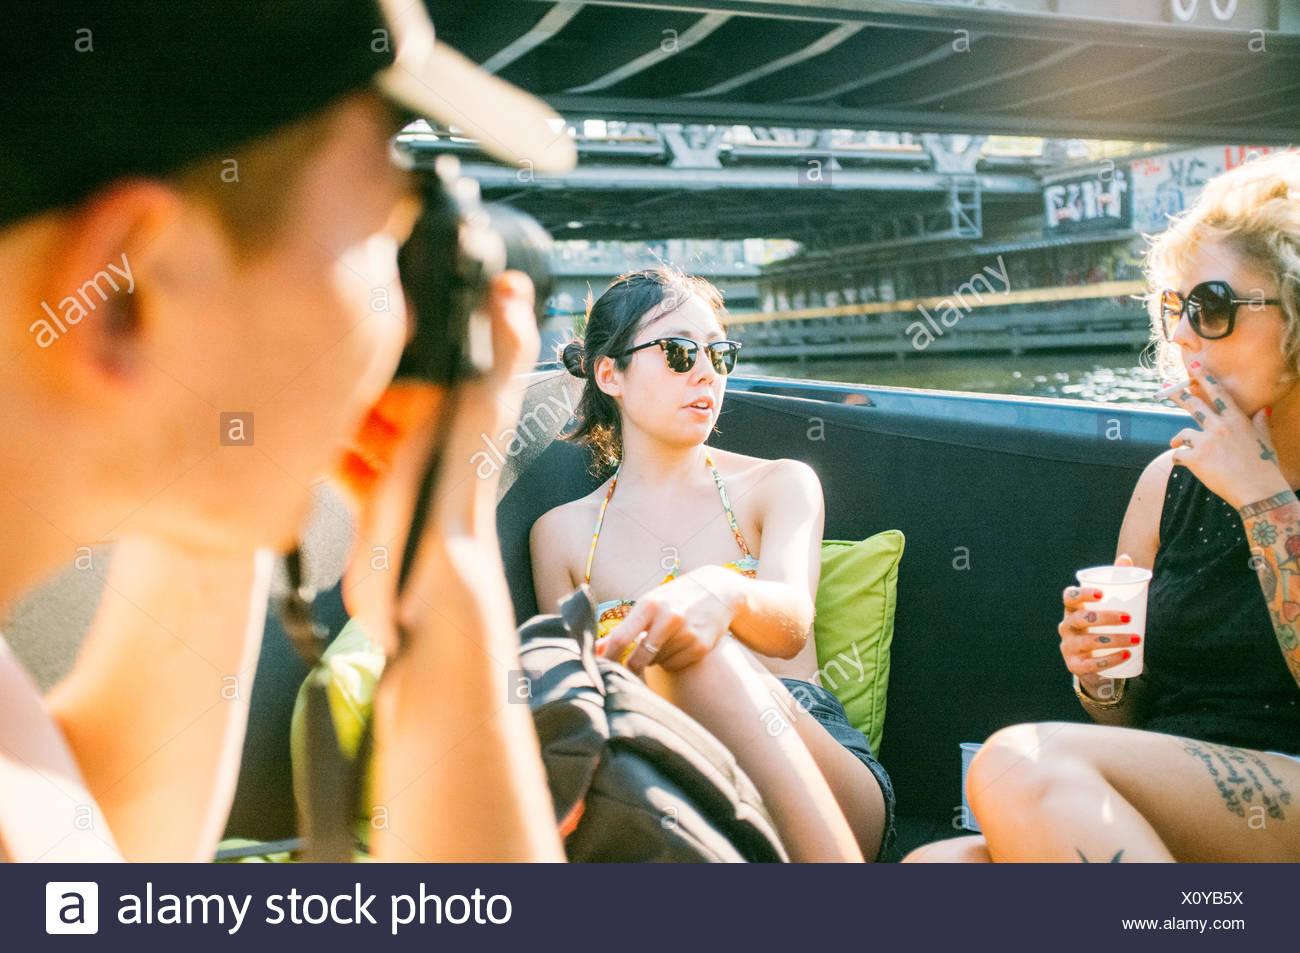 Uomo di fotografare le donne mentre poggia su barca Immagini Stock